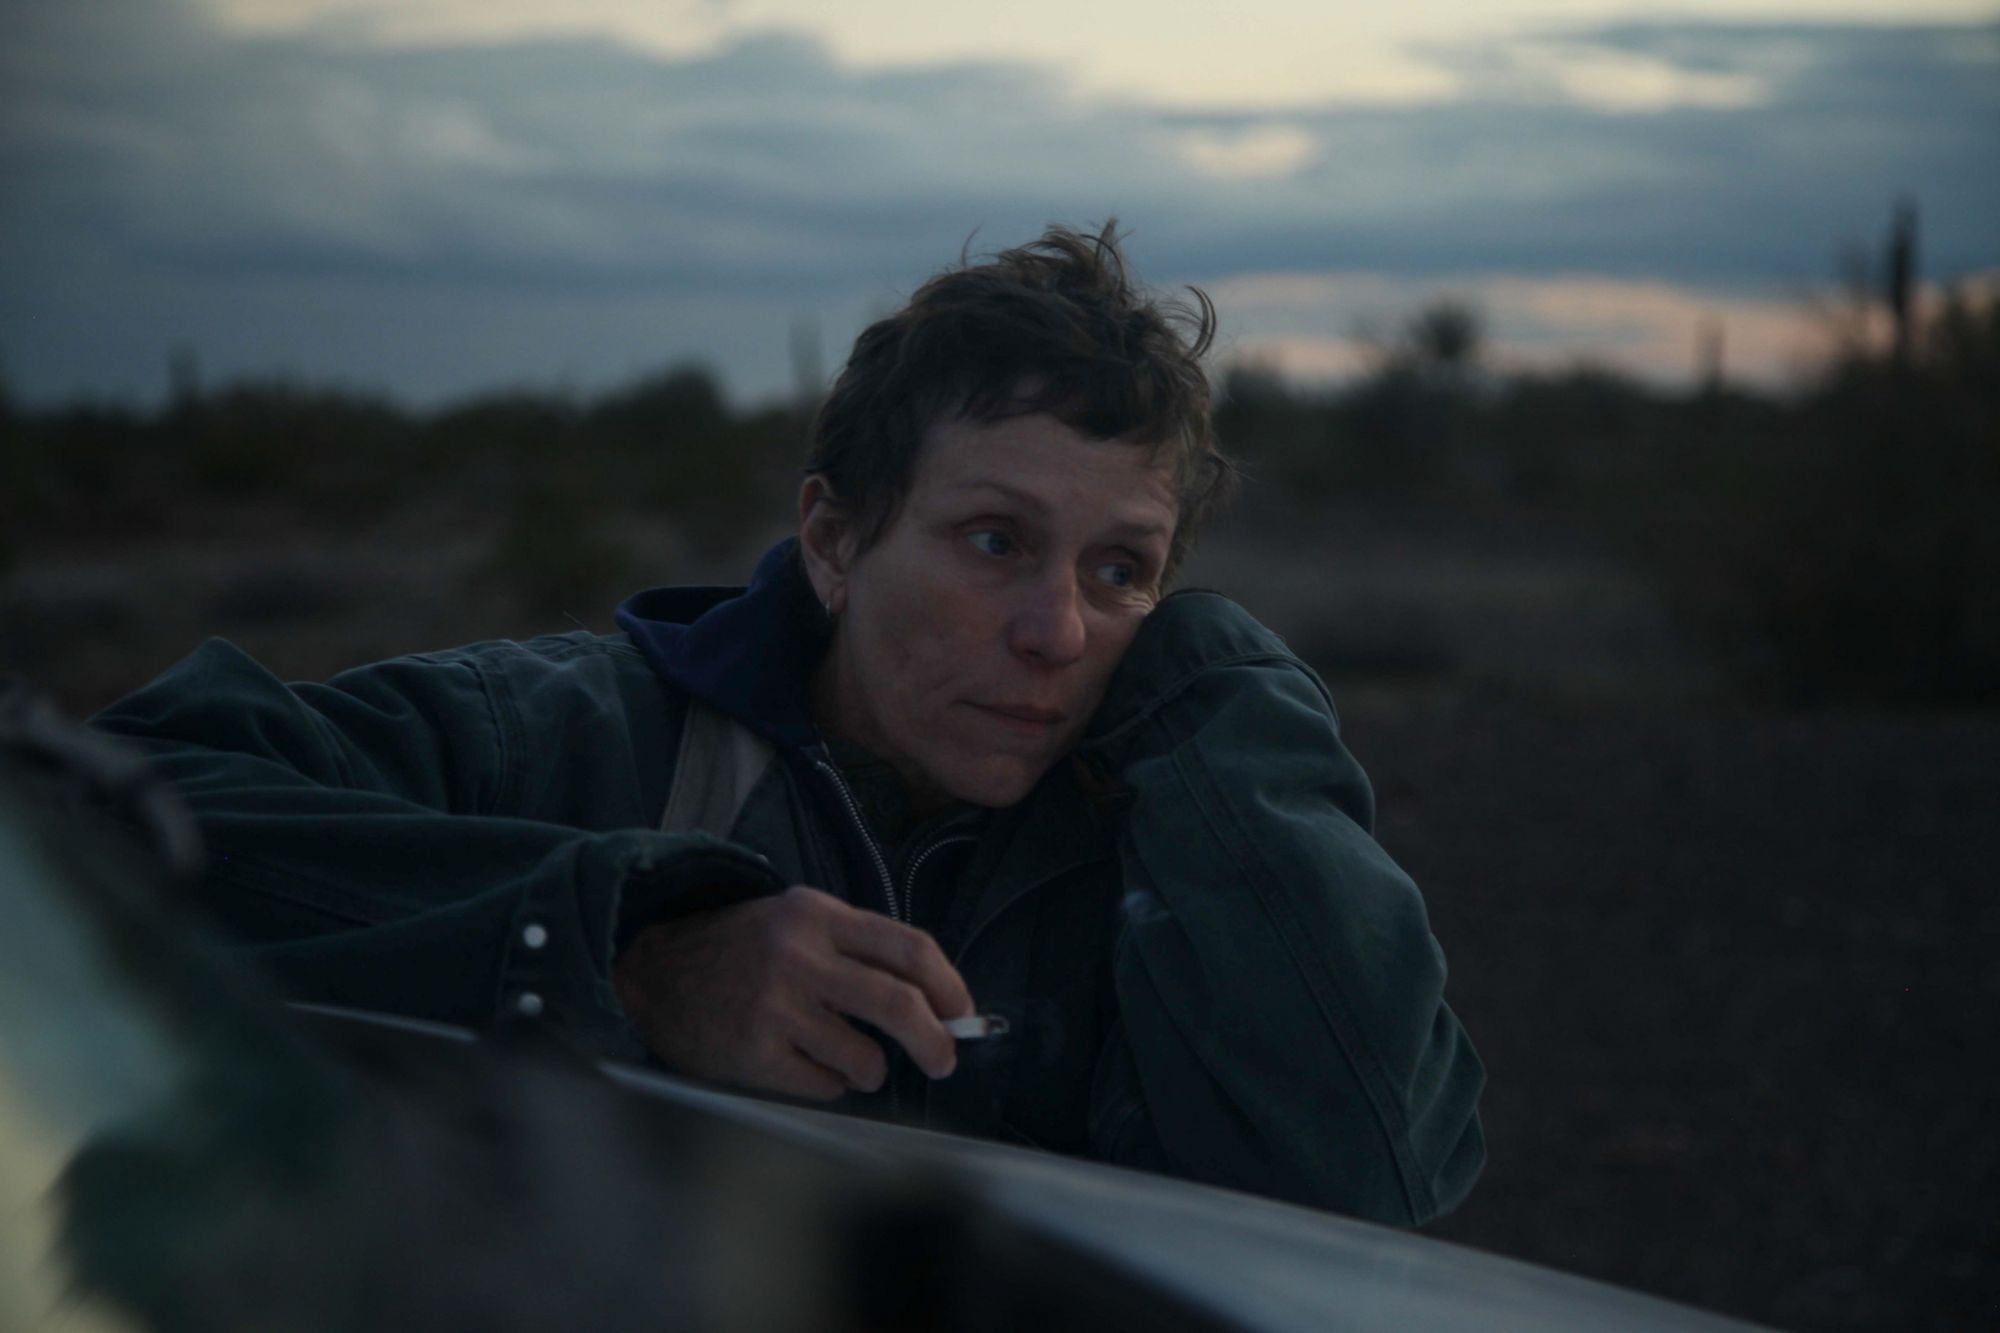 2021 年度必看片單!《游牧人生》、《夢想之地》⋯推薦 2021 奧斯卡 7 部獲獎電影